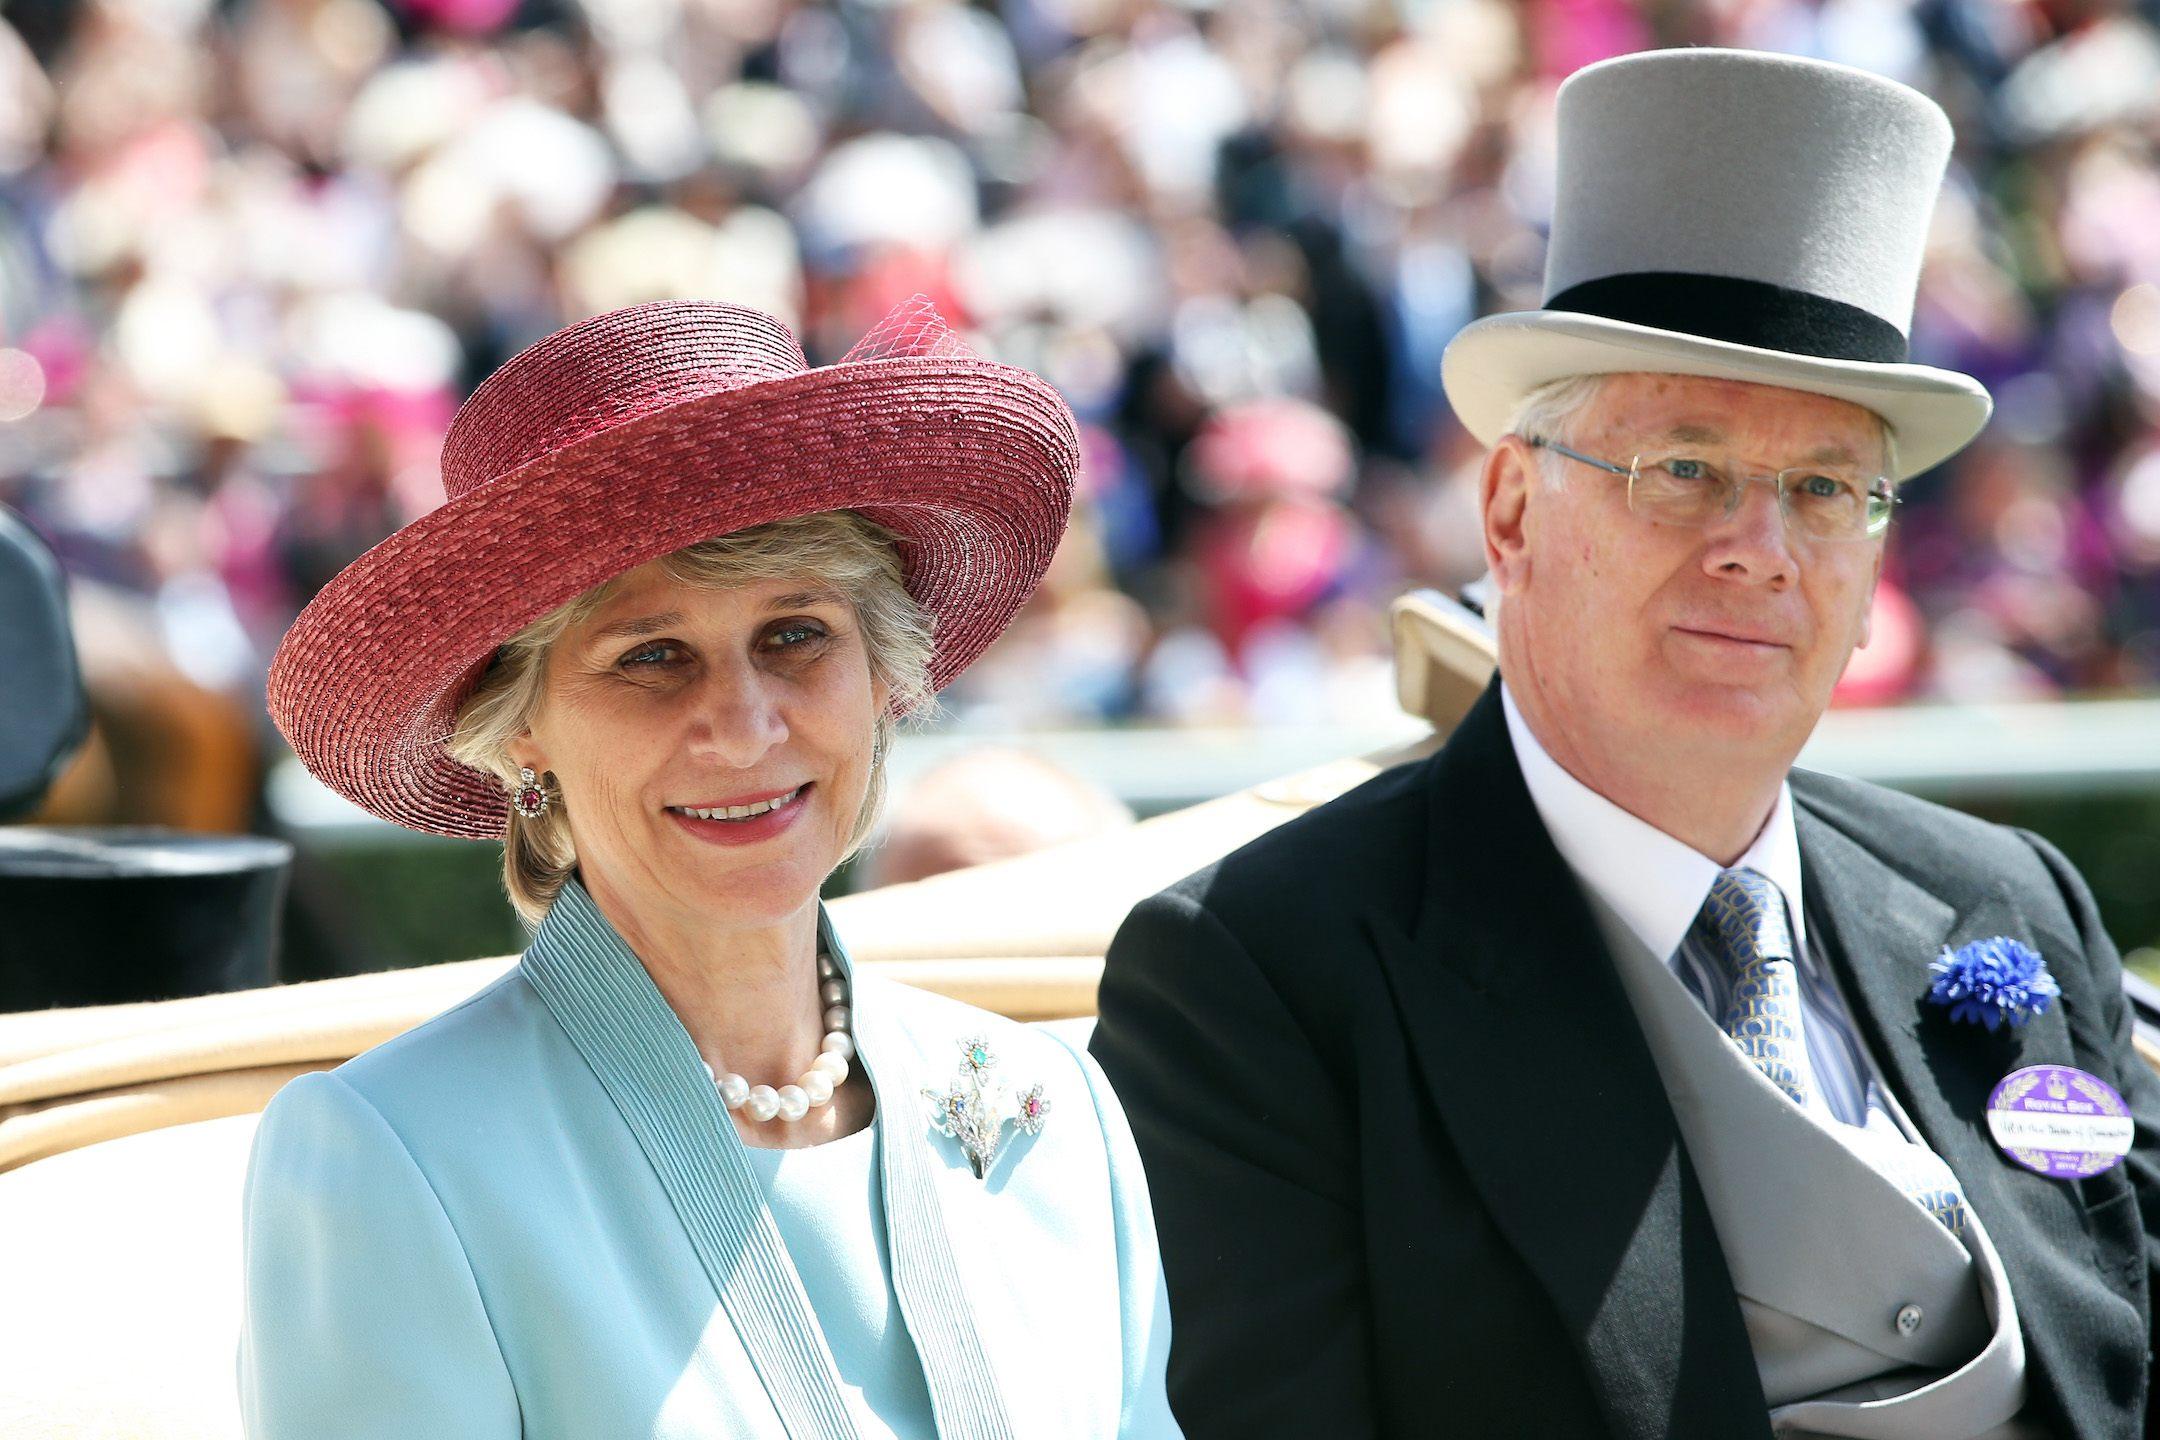 Prince Richard, Duke of Gloucester (R) and Brigitte, Duchess of Gloucester